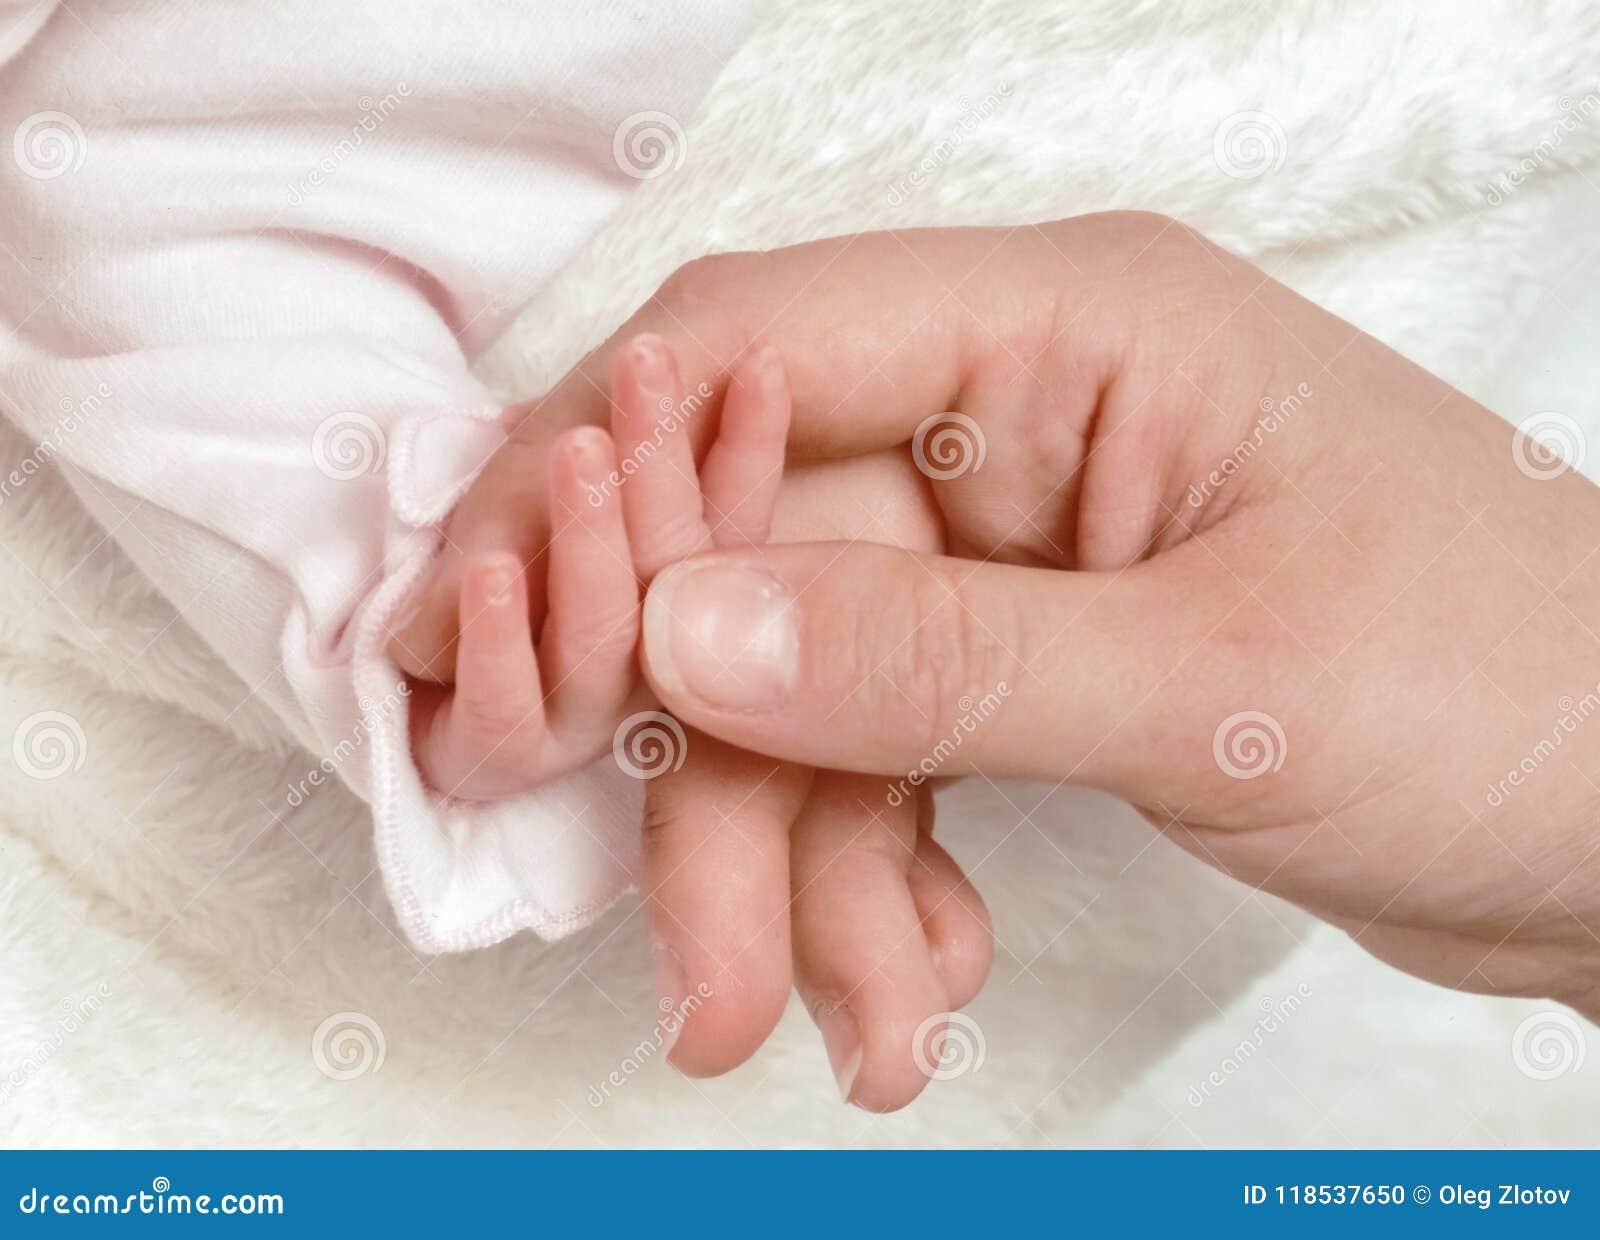 Zakończenie matki ręka trzyma jej babys małą rękę